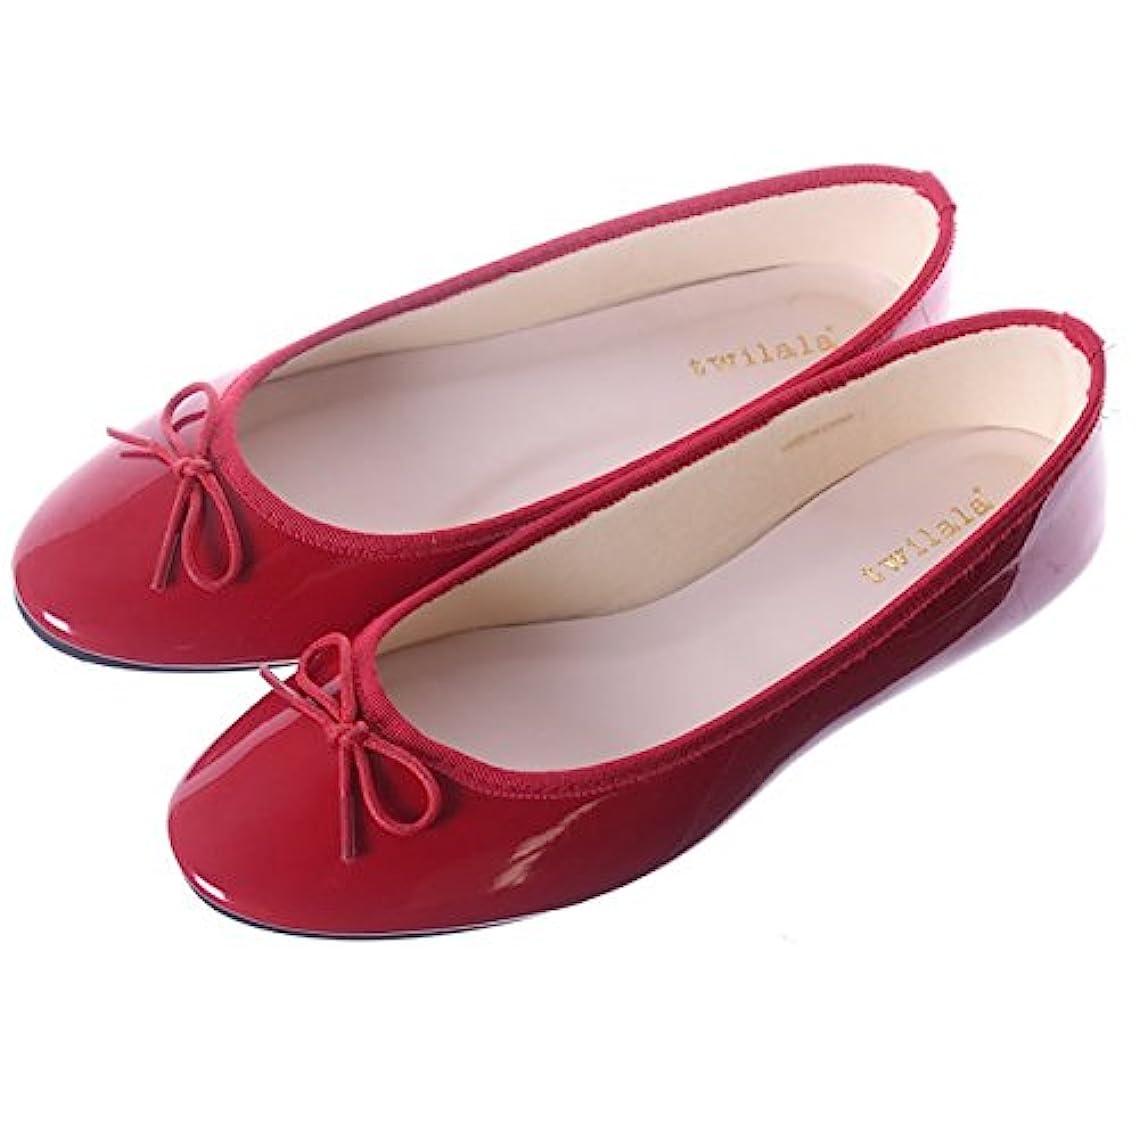 文句を言う舞い上がる祝福する[ジャッコランタン] バレエシューズ レディース エナメル 黒 大きいサイズ フラットシューズ フラット 靴